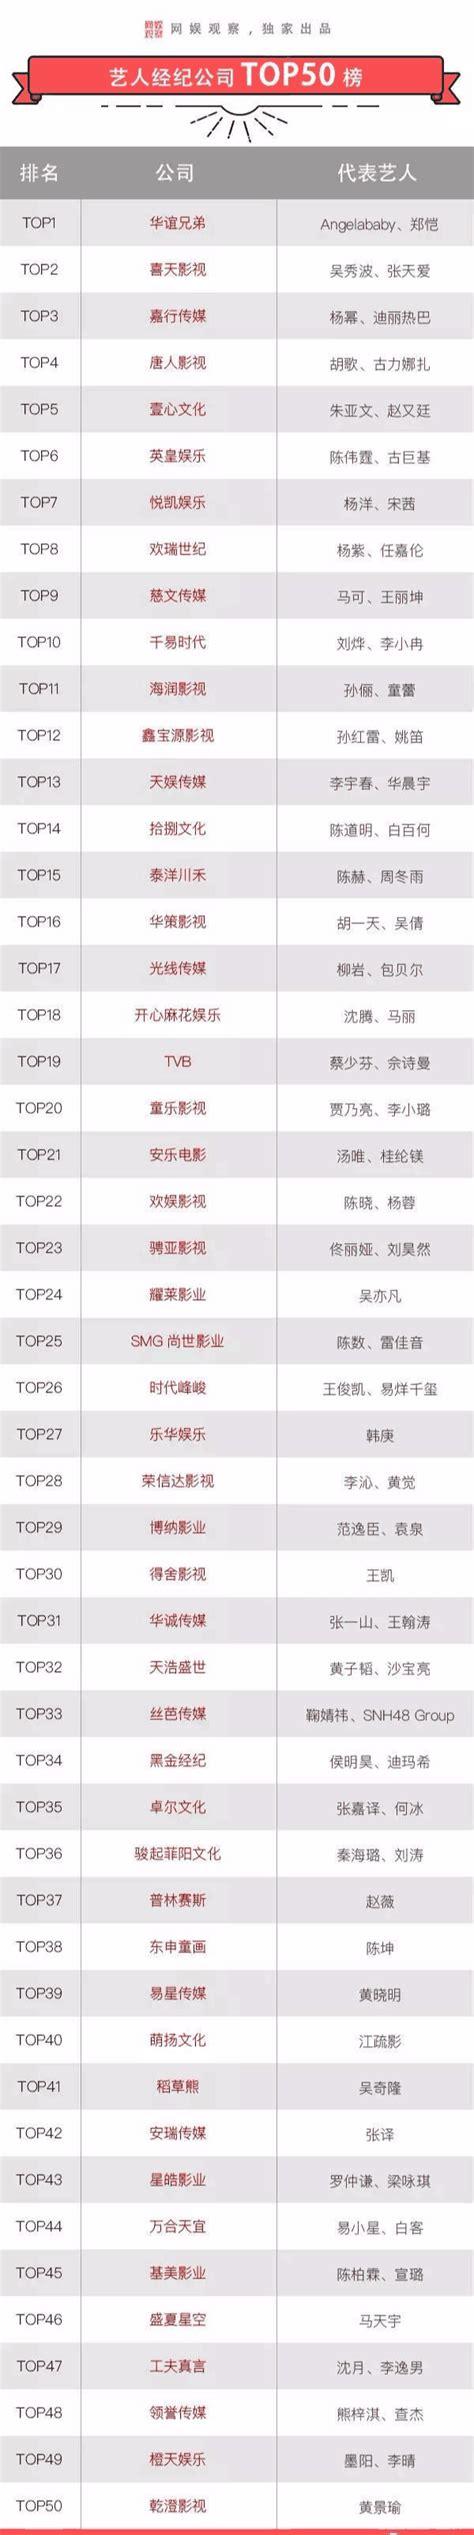 艺人经纪公司top50排行榜出炉, TFboys所在时代峰峻只排第26?